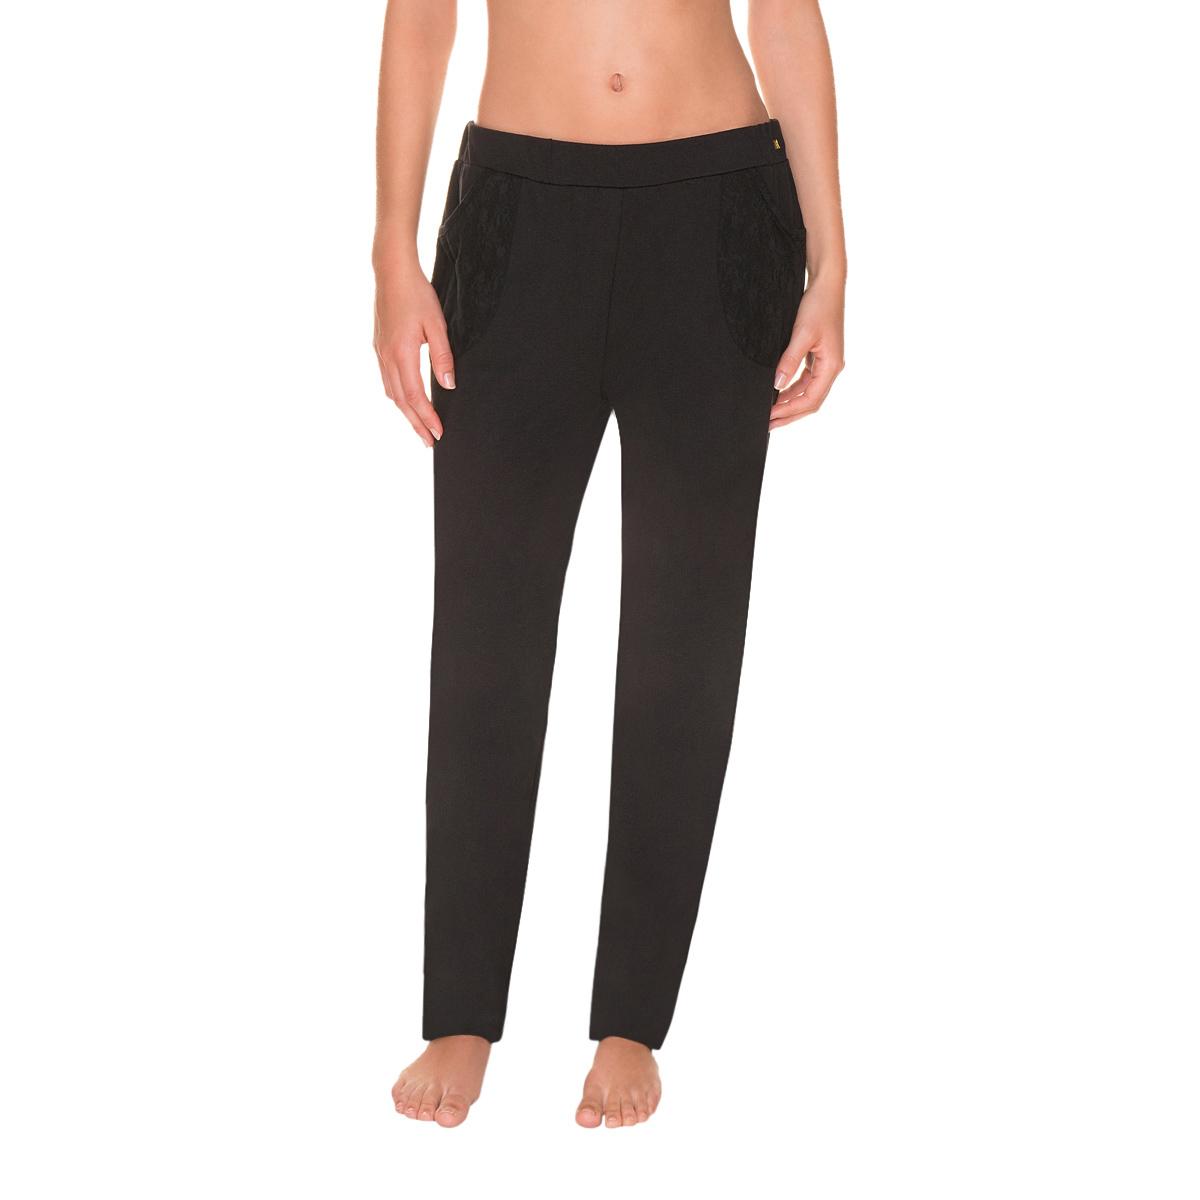 Pyjama Noir Pantalon Pantalon De Femme Pyjama Femme De Noir Ygyf6v7mIb